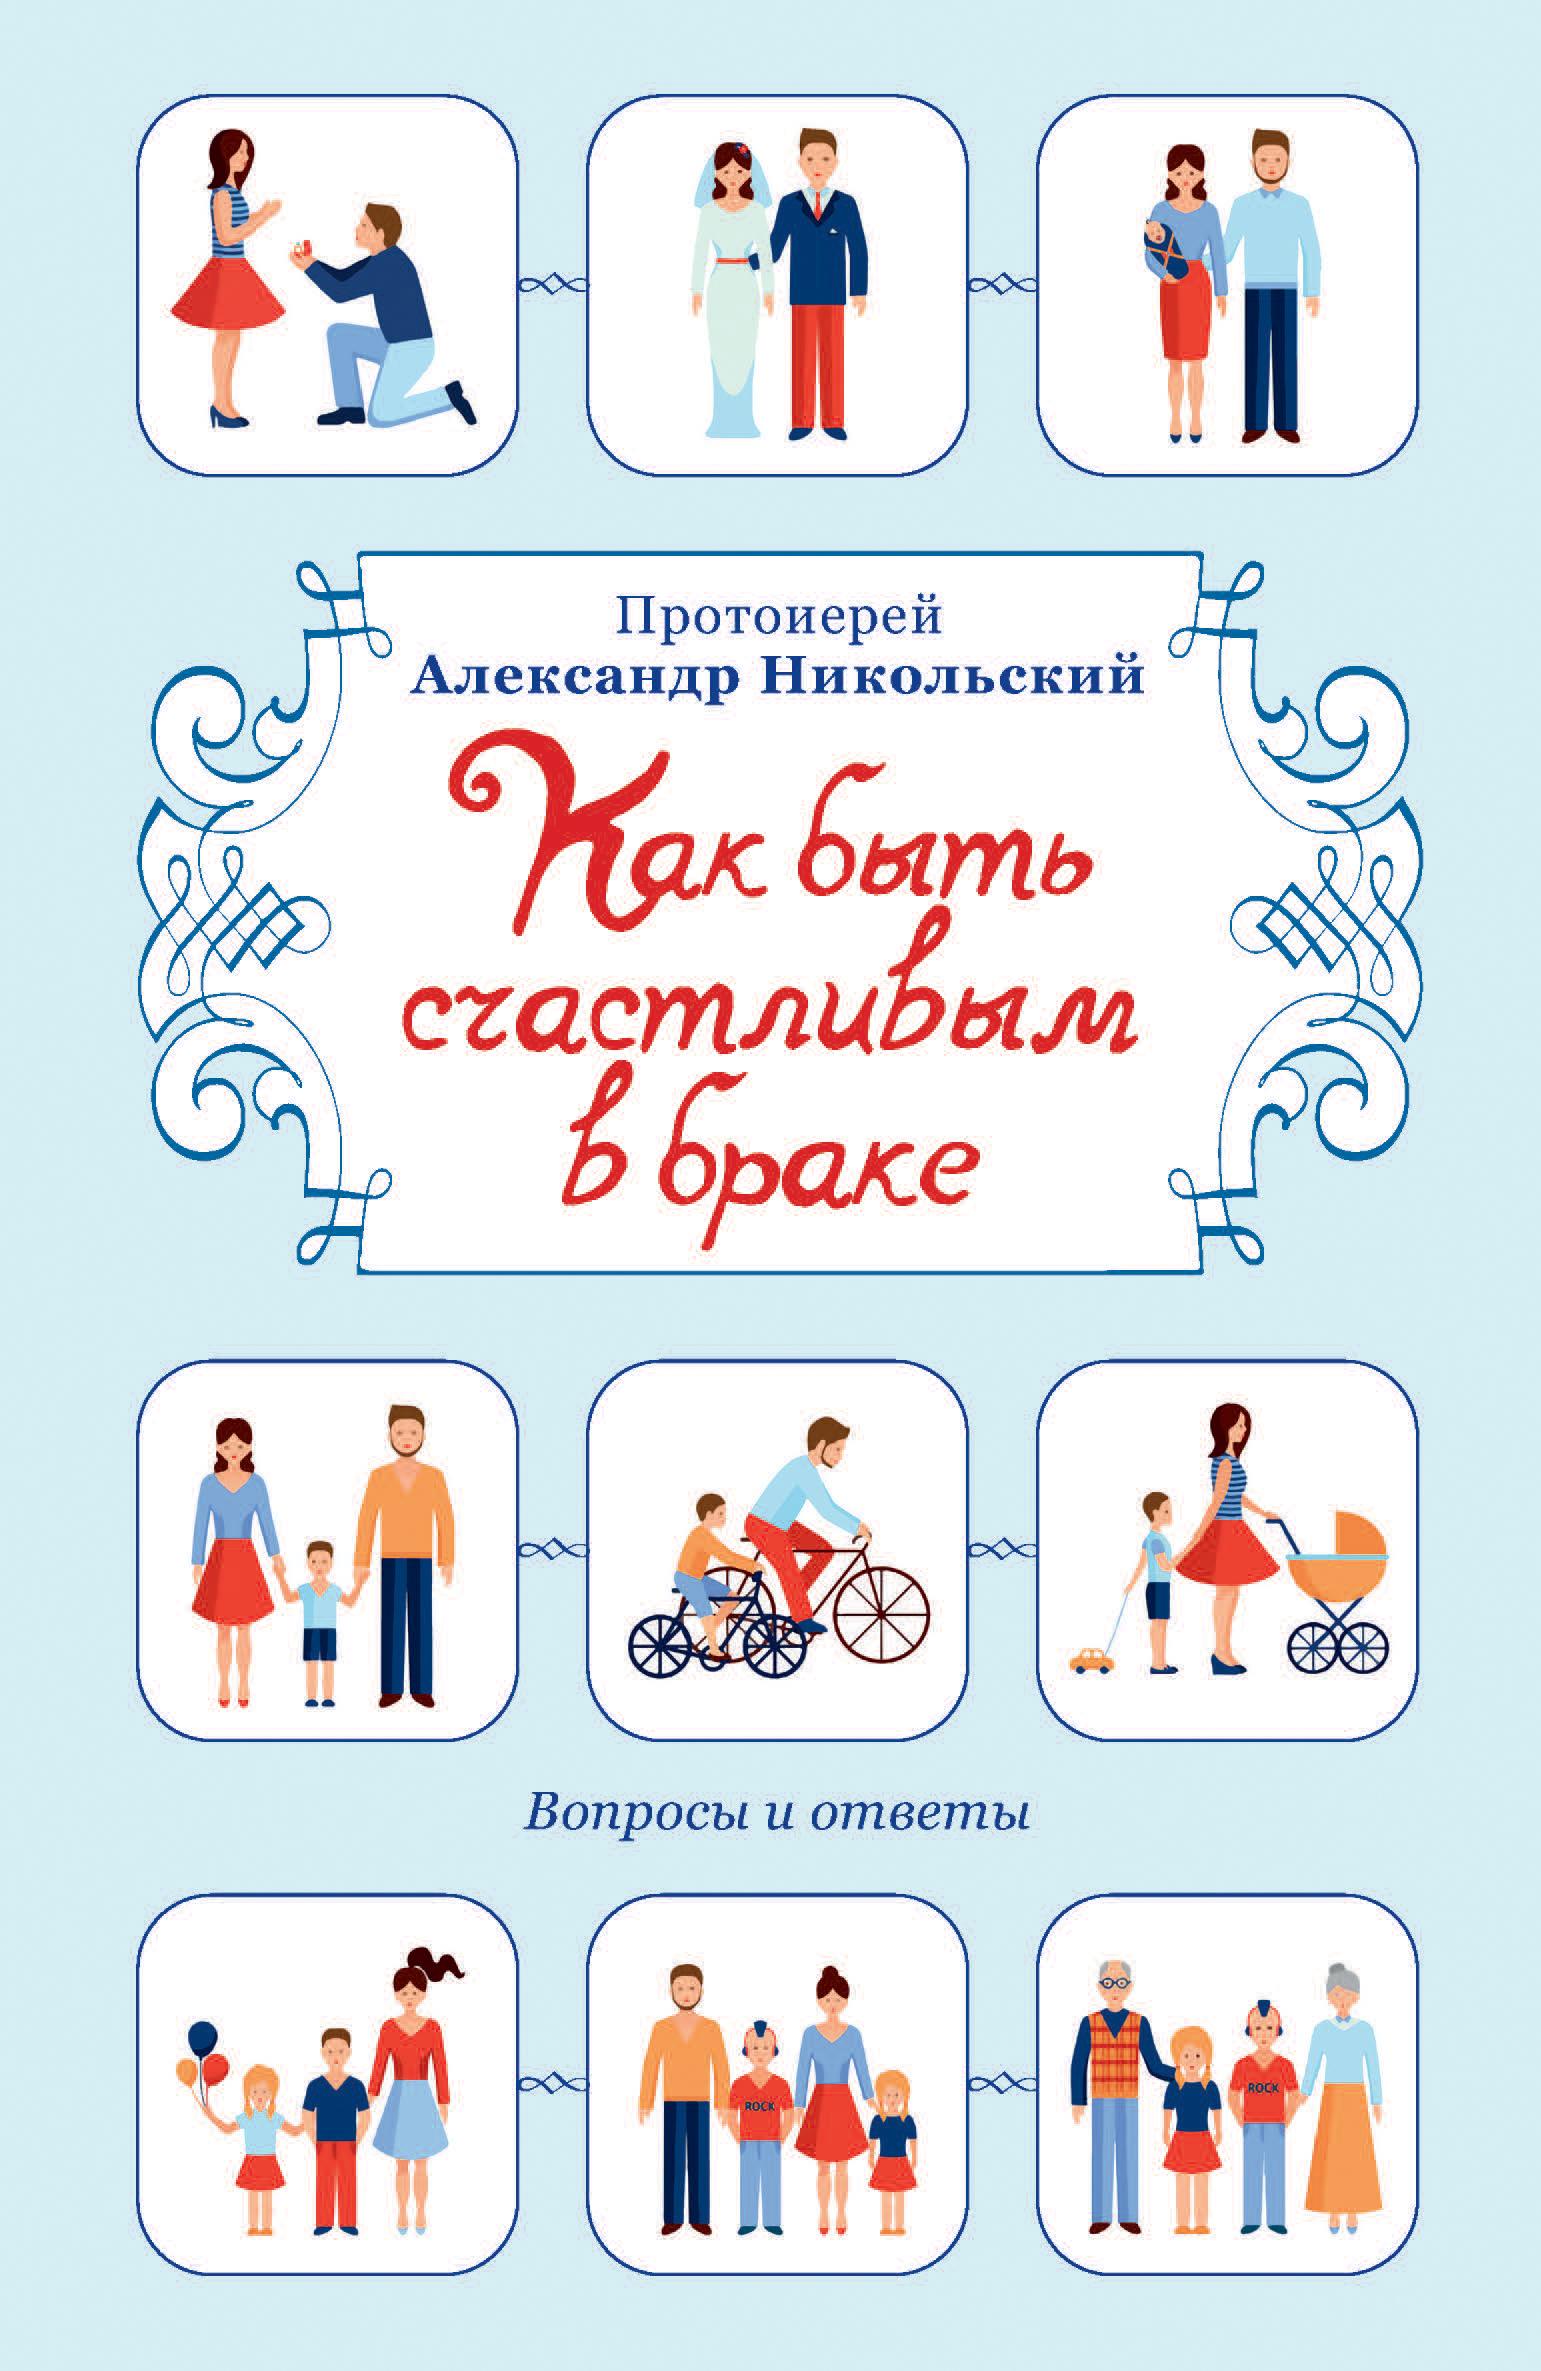 проториерей Александр Никольский Как быть счастливым в браке. Вопросы и ответы